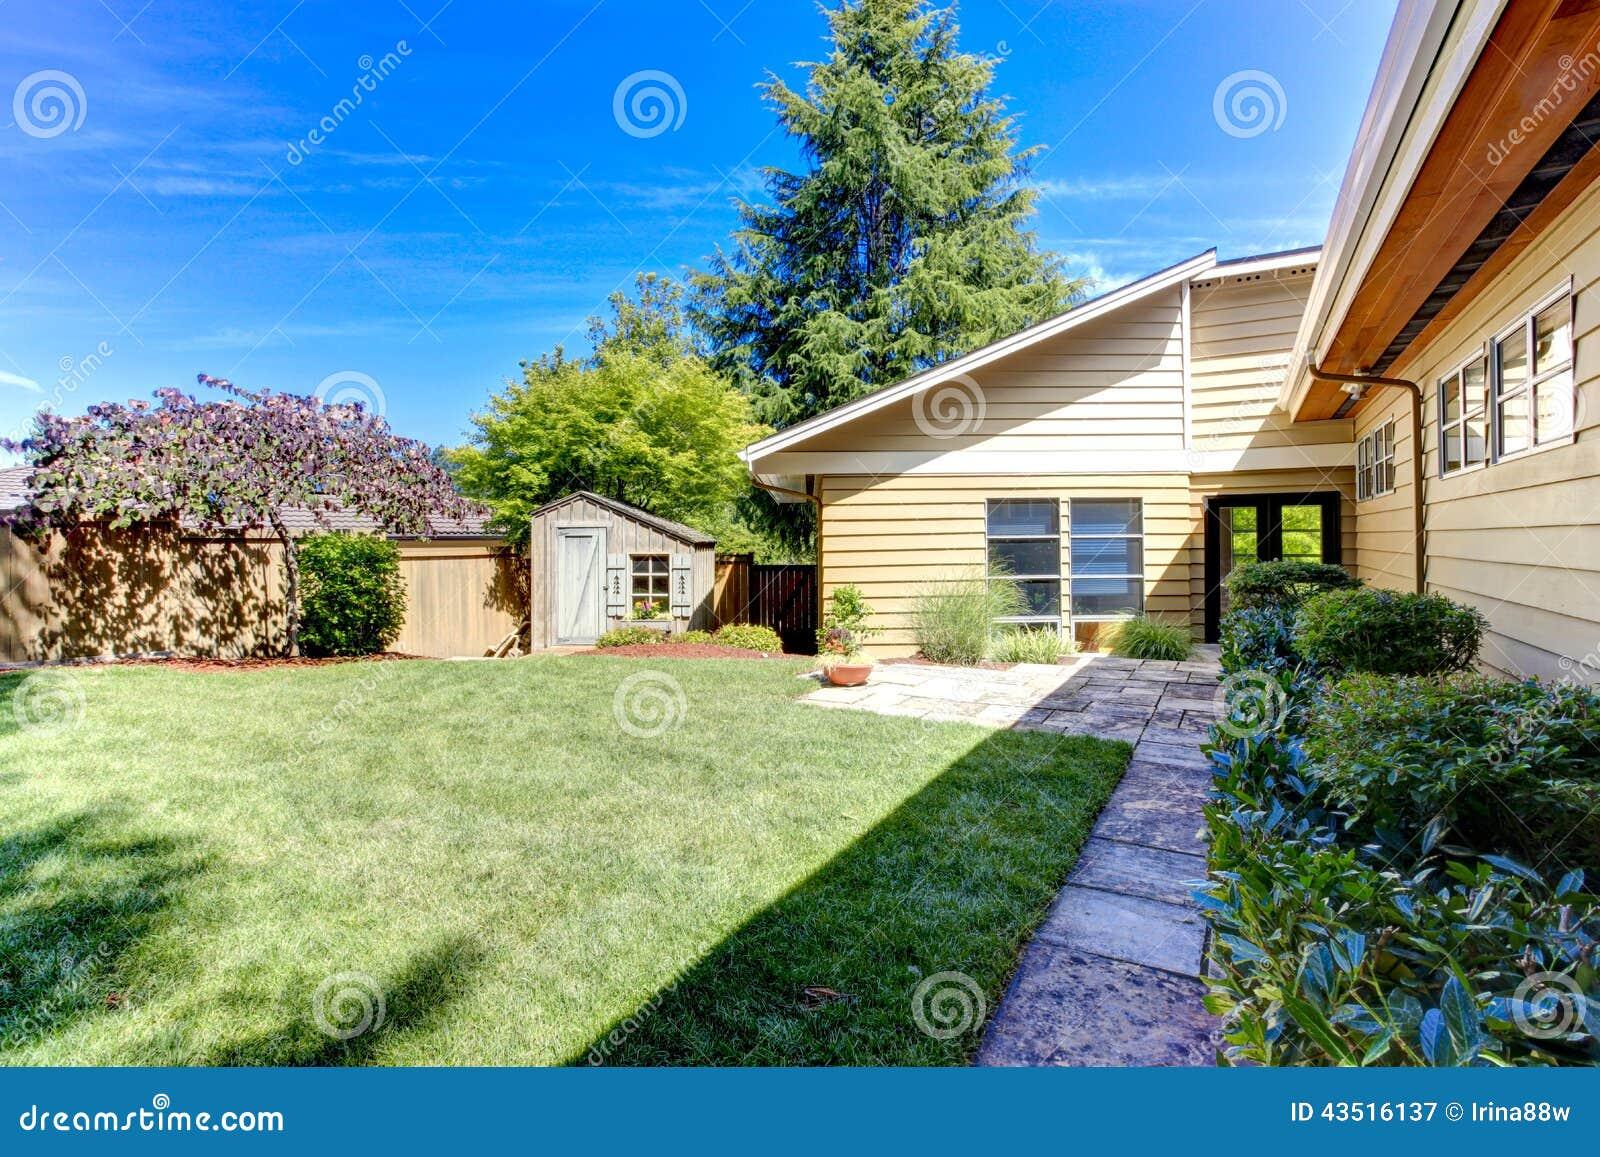 D co le petit jardin yes saint denis 2613 le dauphine le bon coin 13 le parisien oise - Petit jardin paysage le havre ...